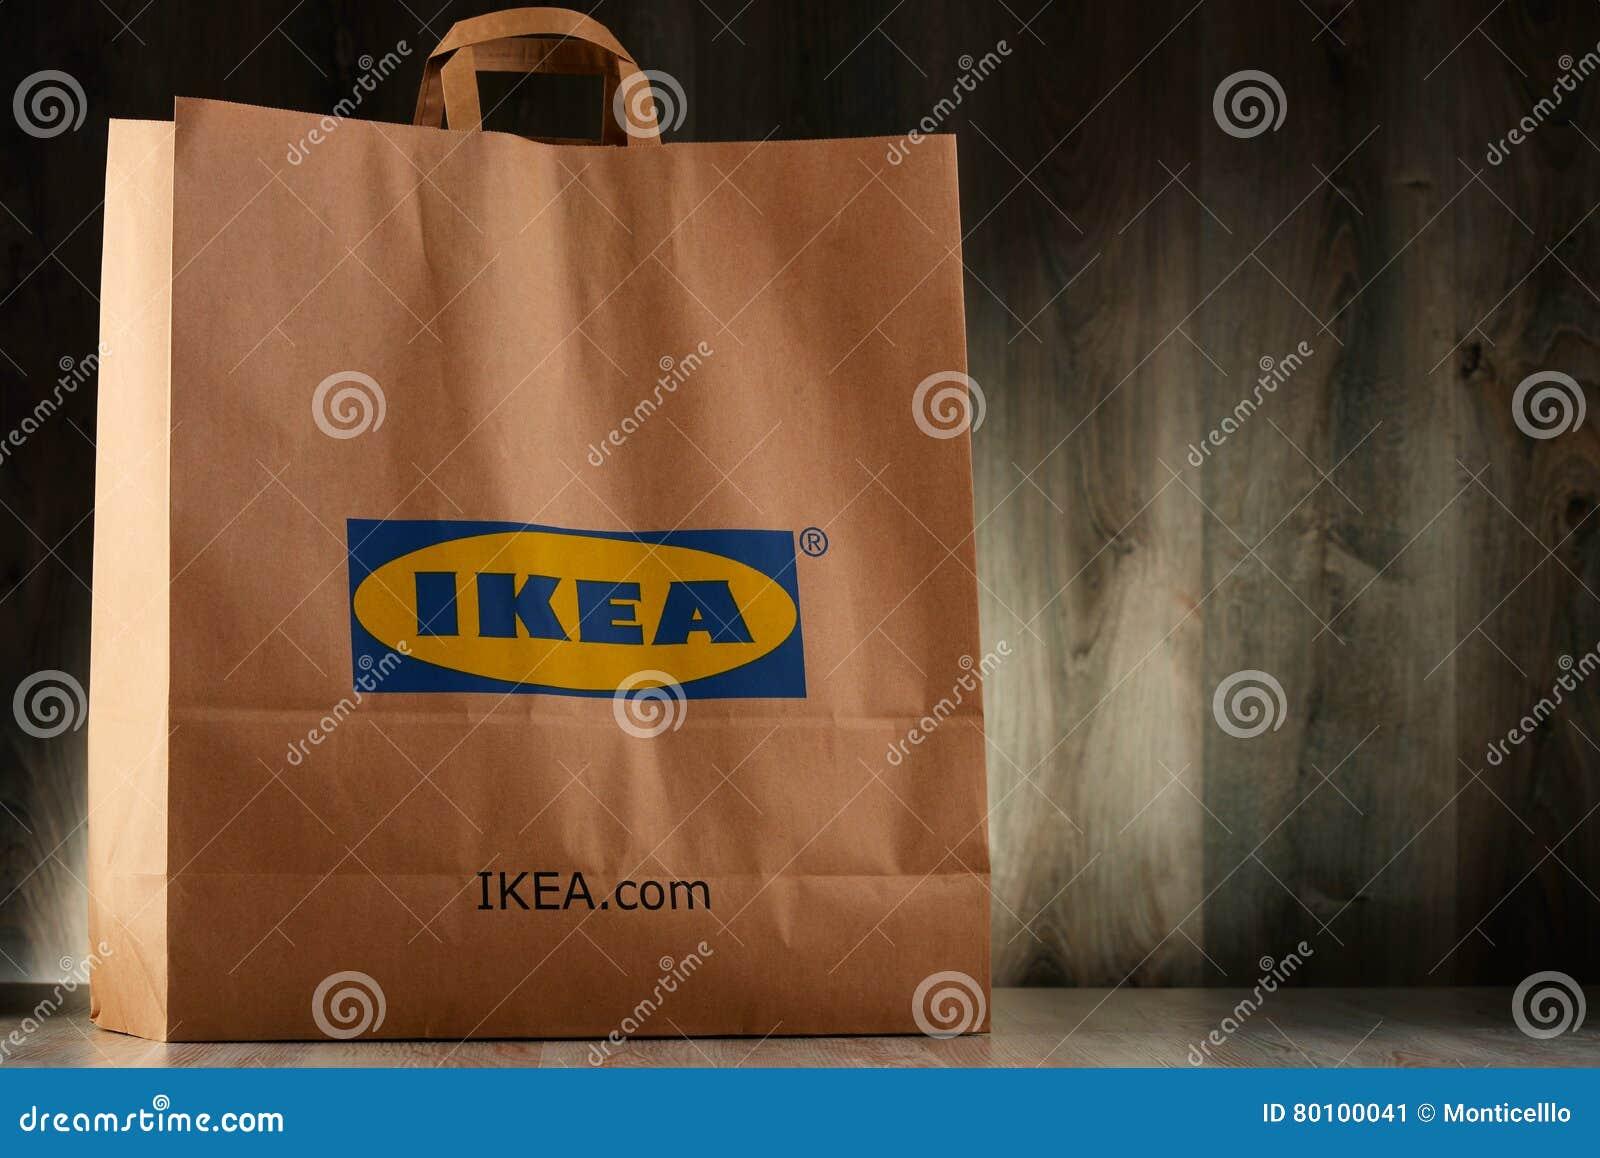 Saco de compras original do papel de IKEA